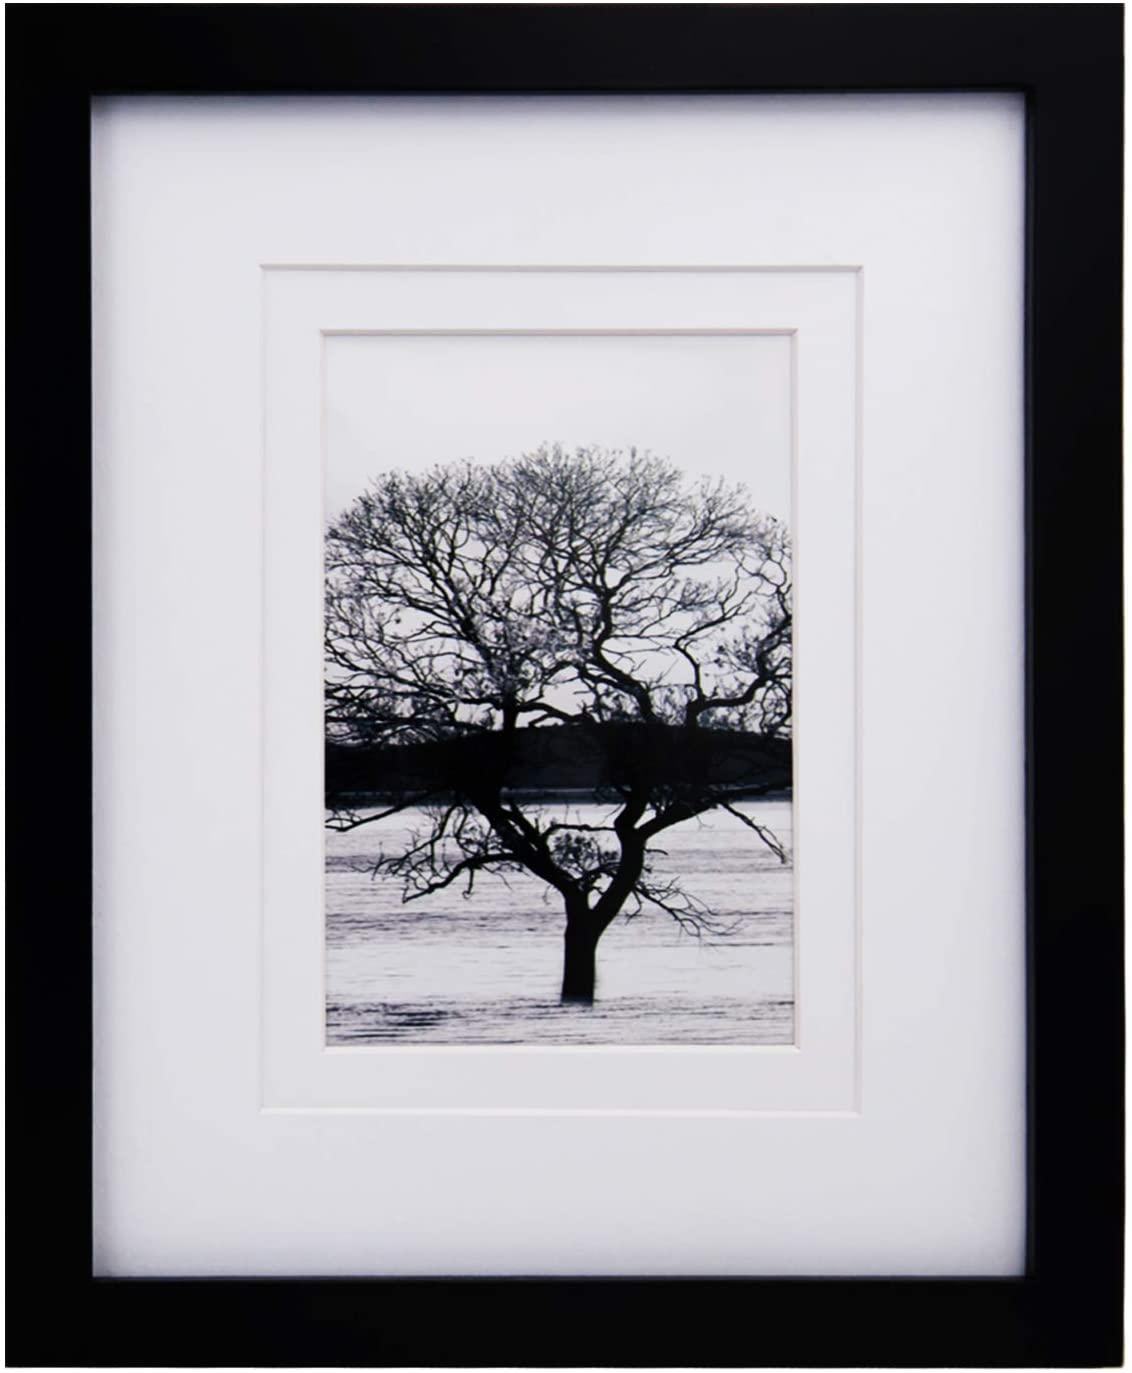 Egofine - Marco de fotos de madera maciza con cristal de plexiglás HD para colocar sobre un mueble o colgar en la pared, color negro